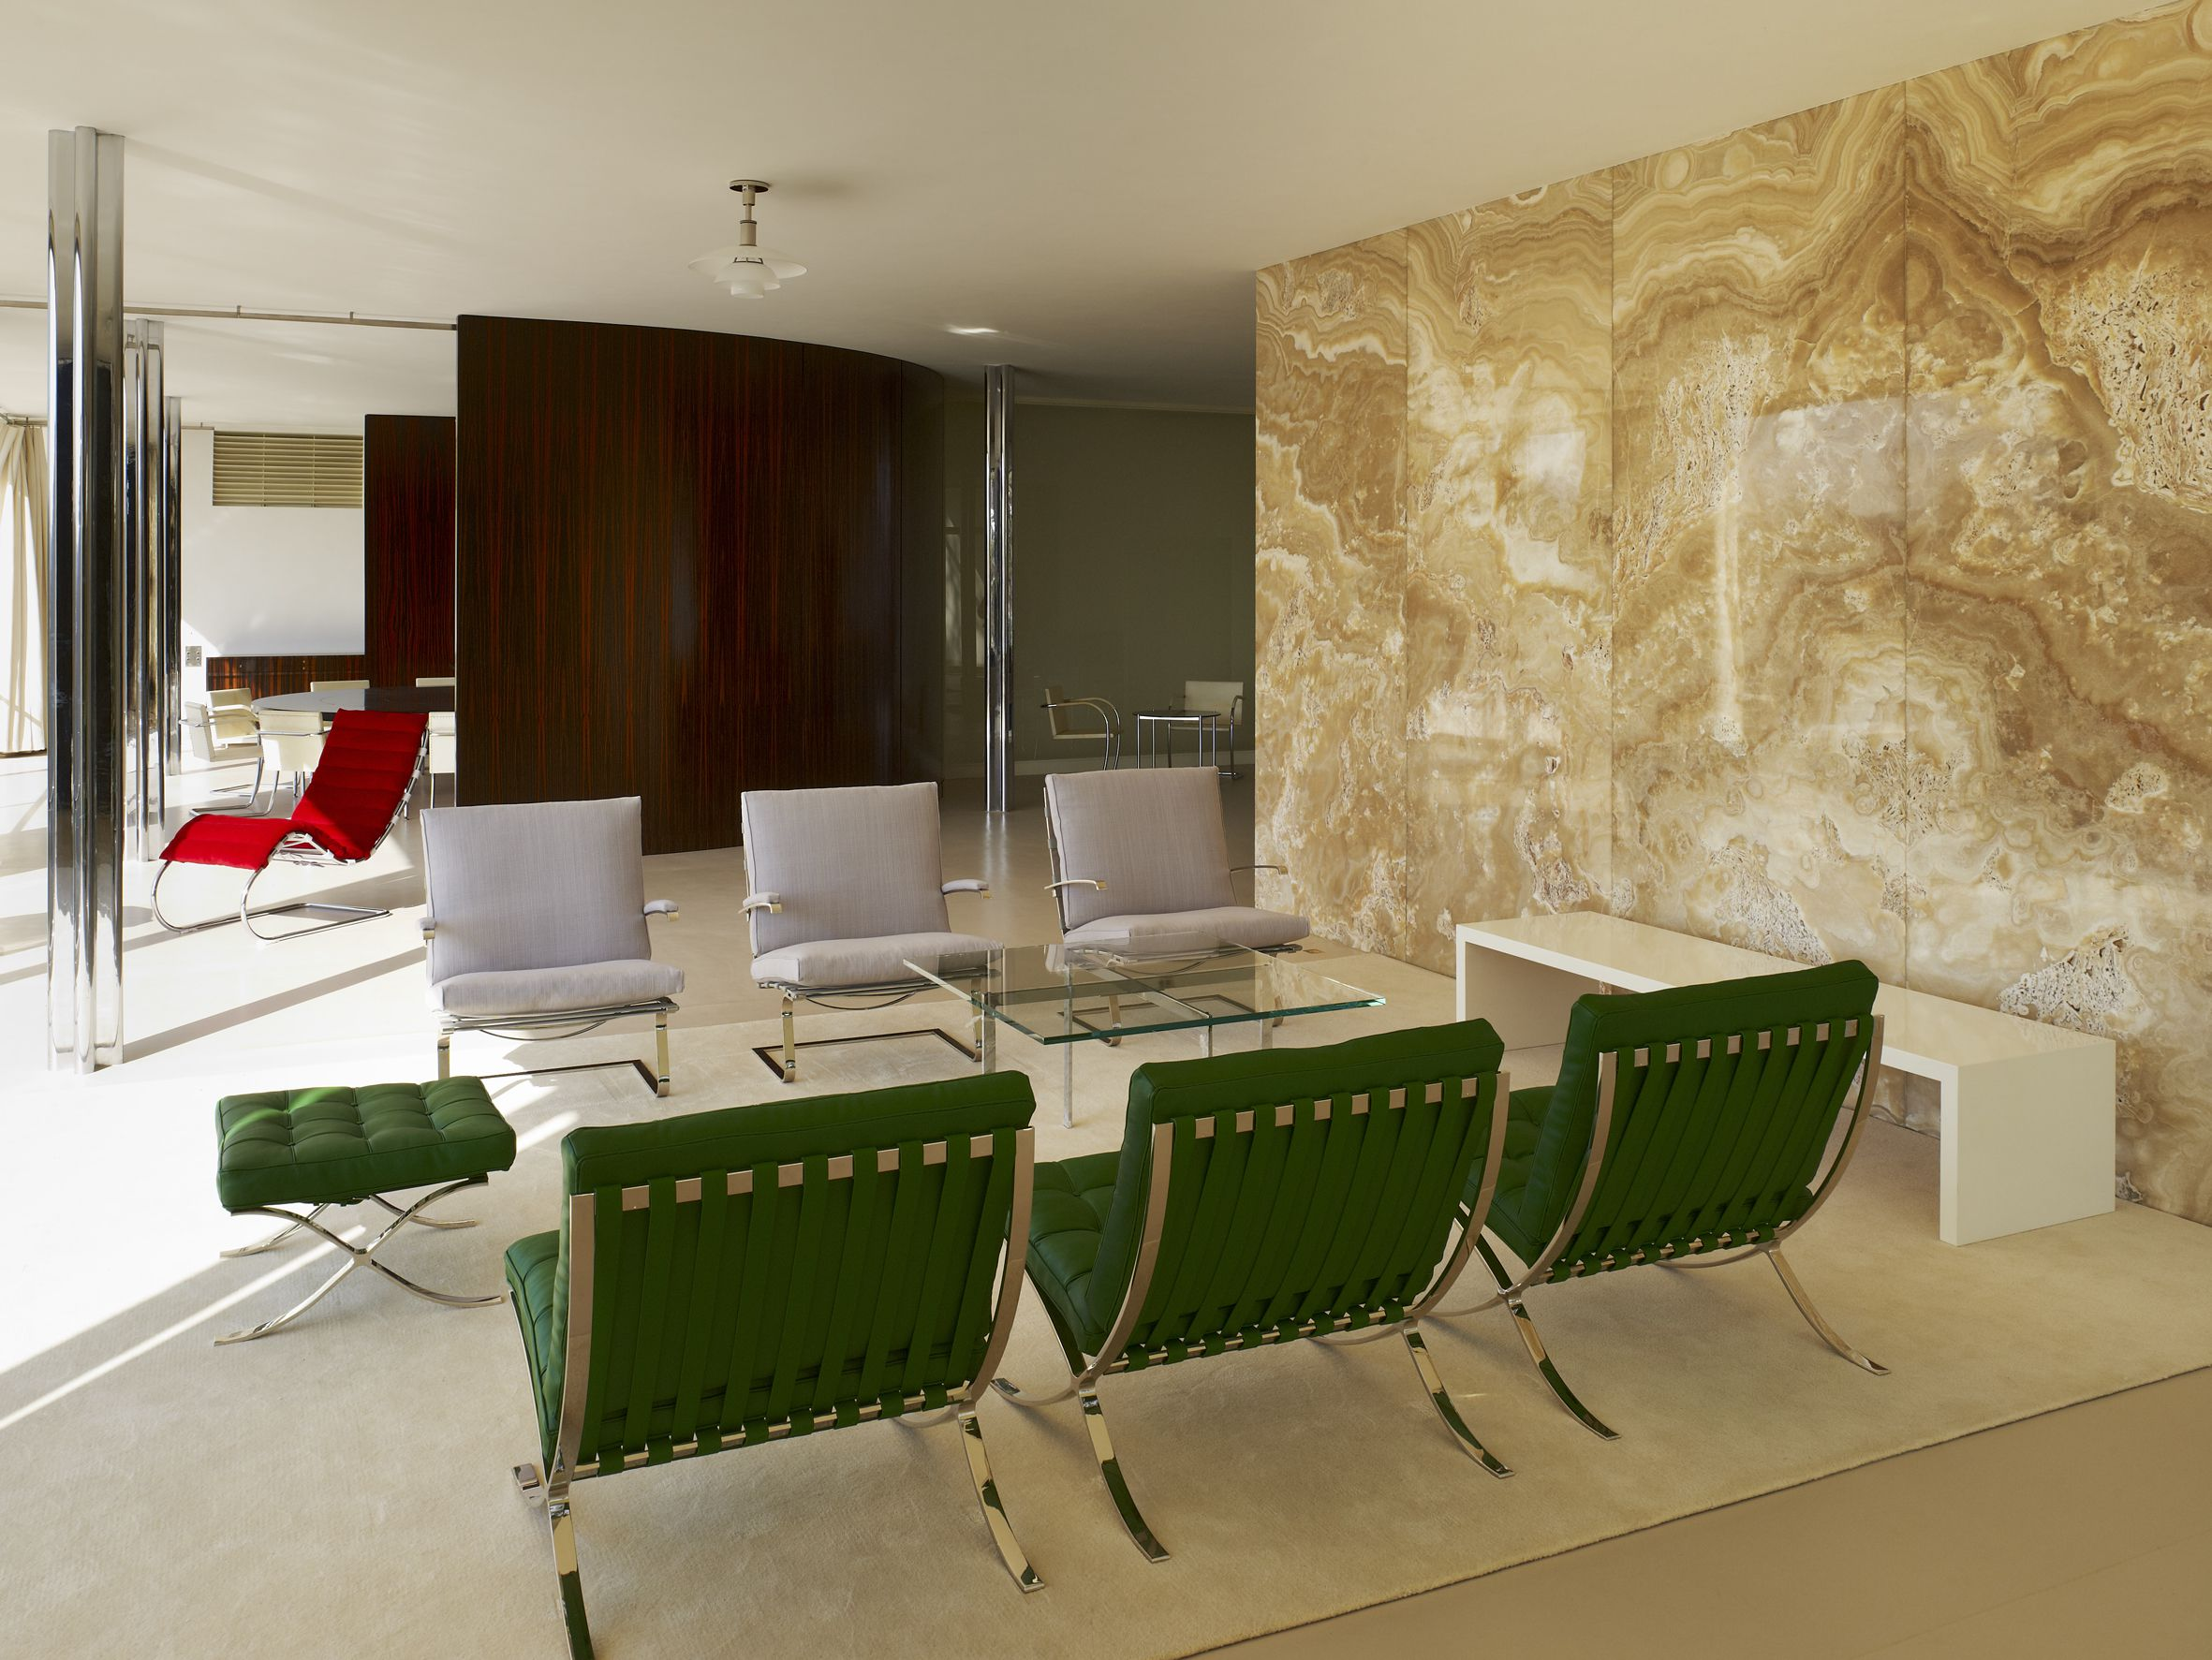 Villa Tugendhat - interior